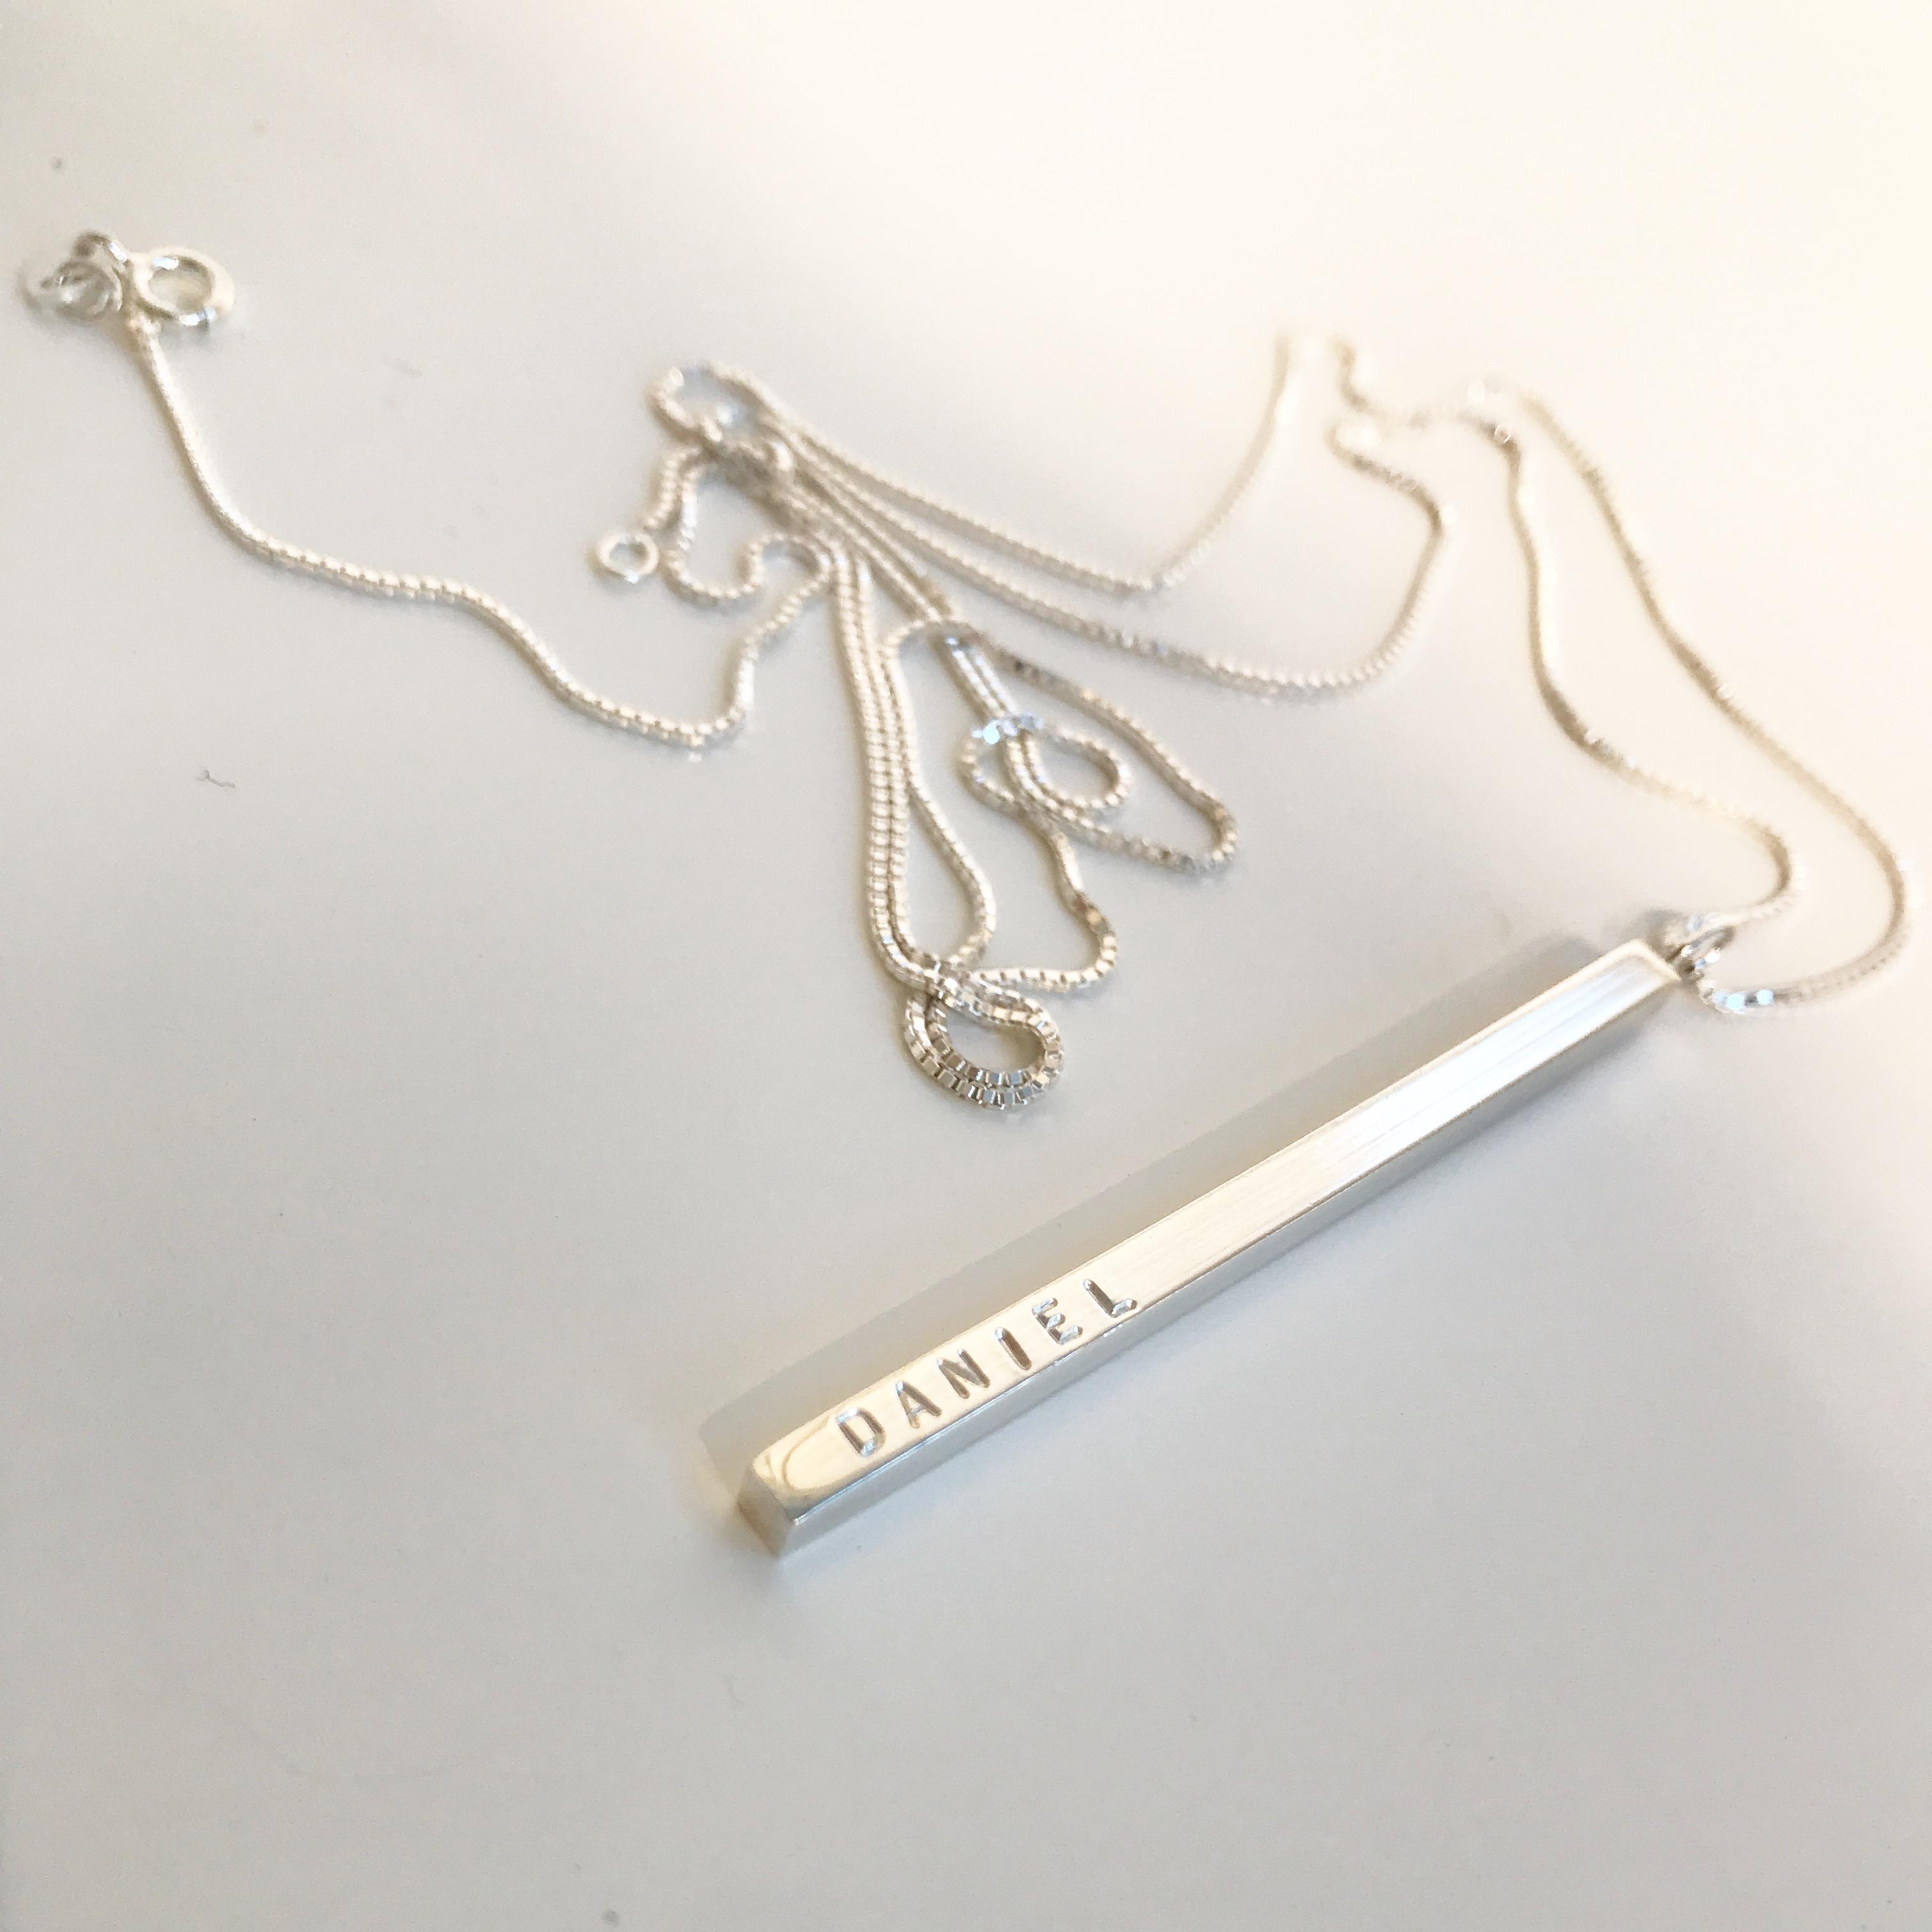 Elegance namnstav är ett stilrent och elegant smycke med namn d43171b873016